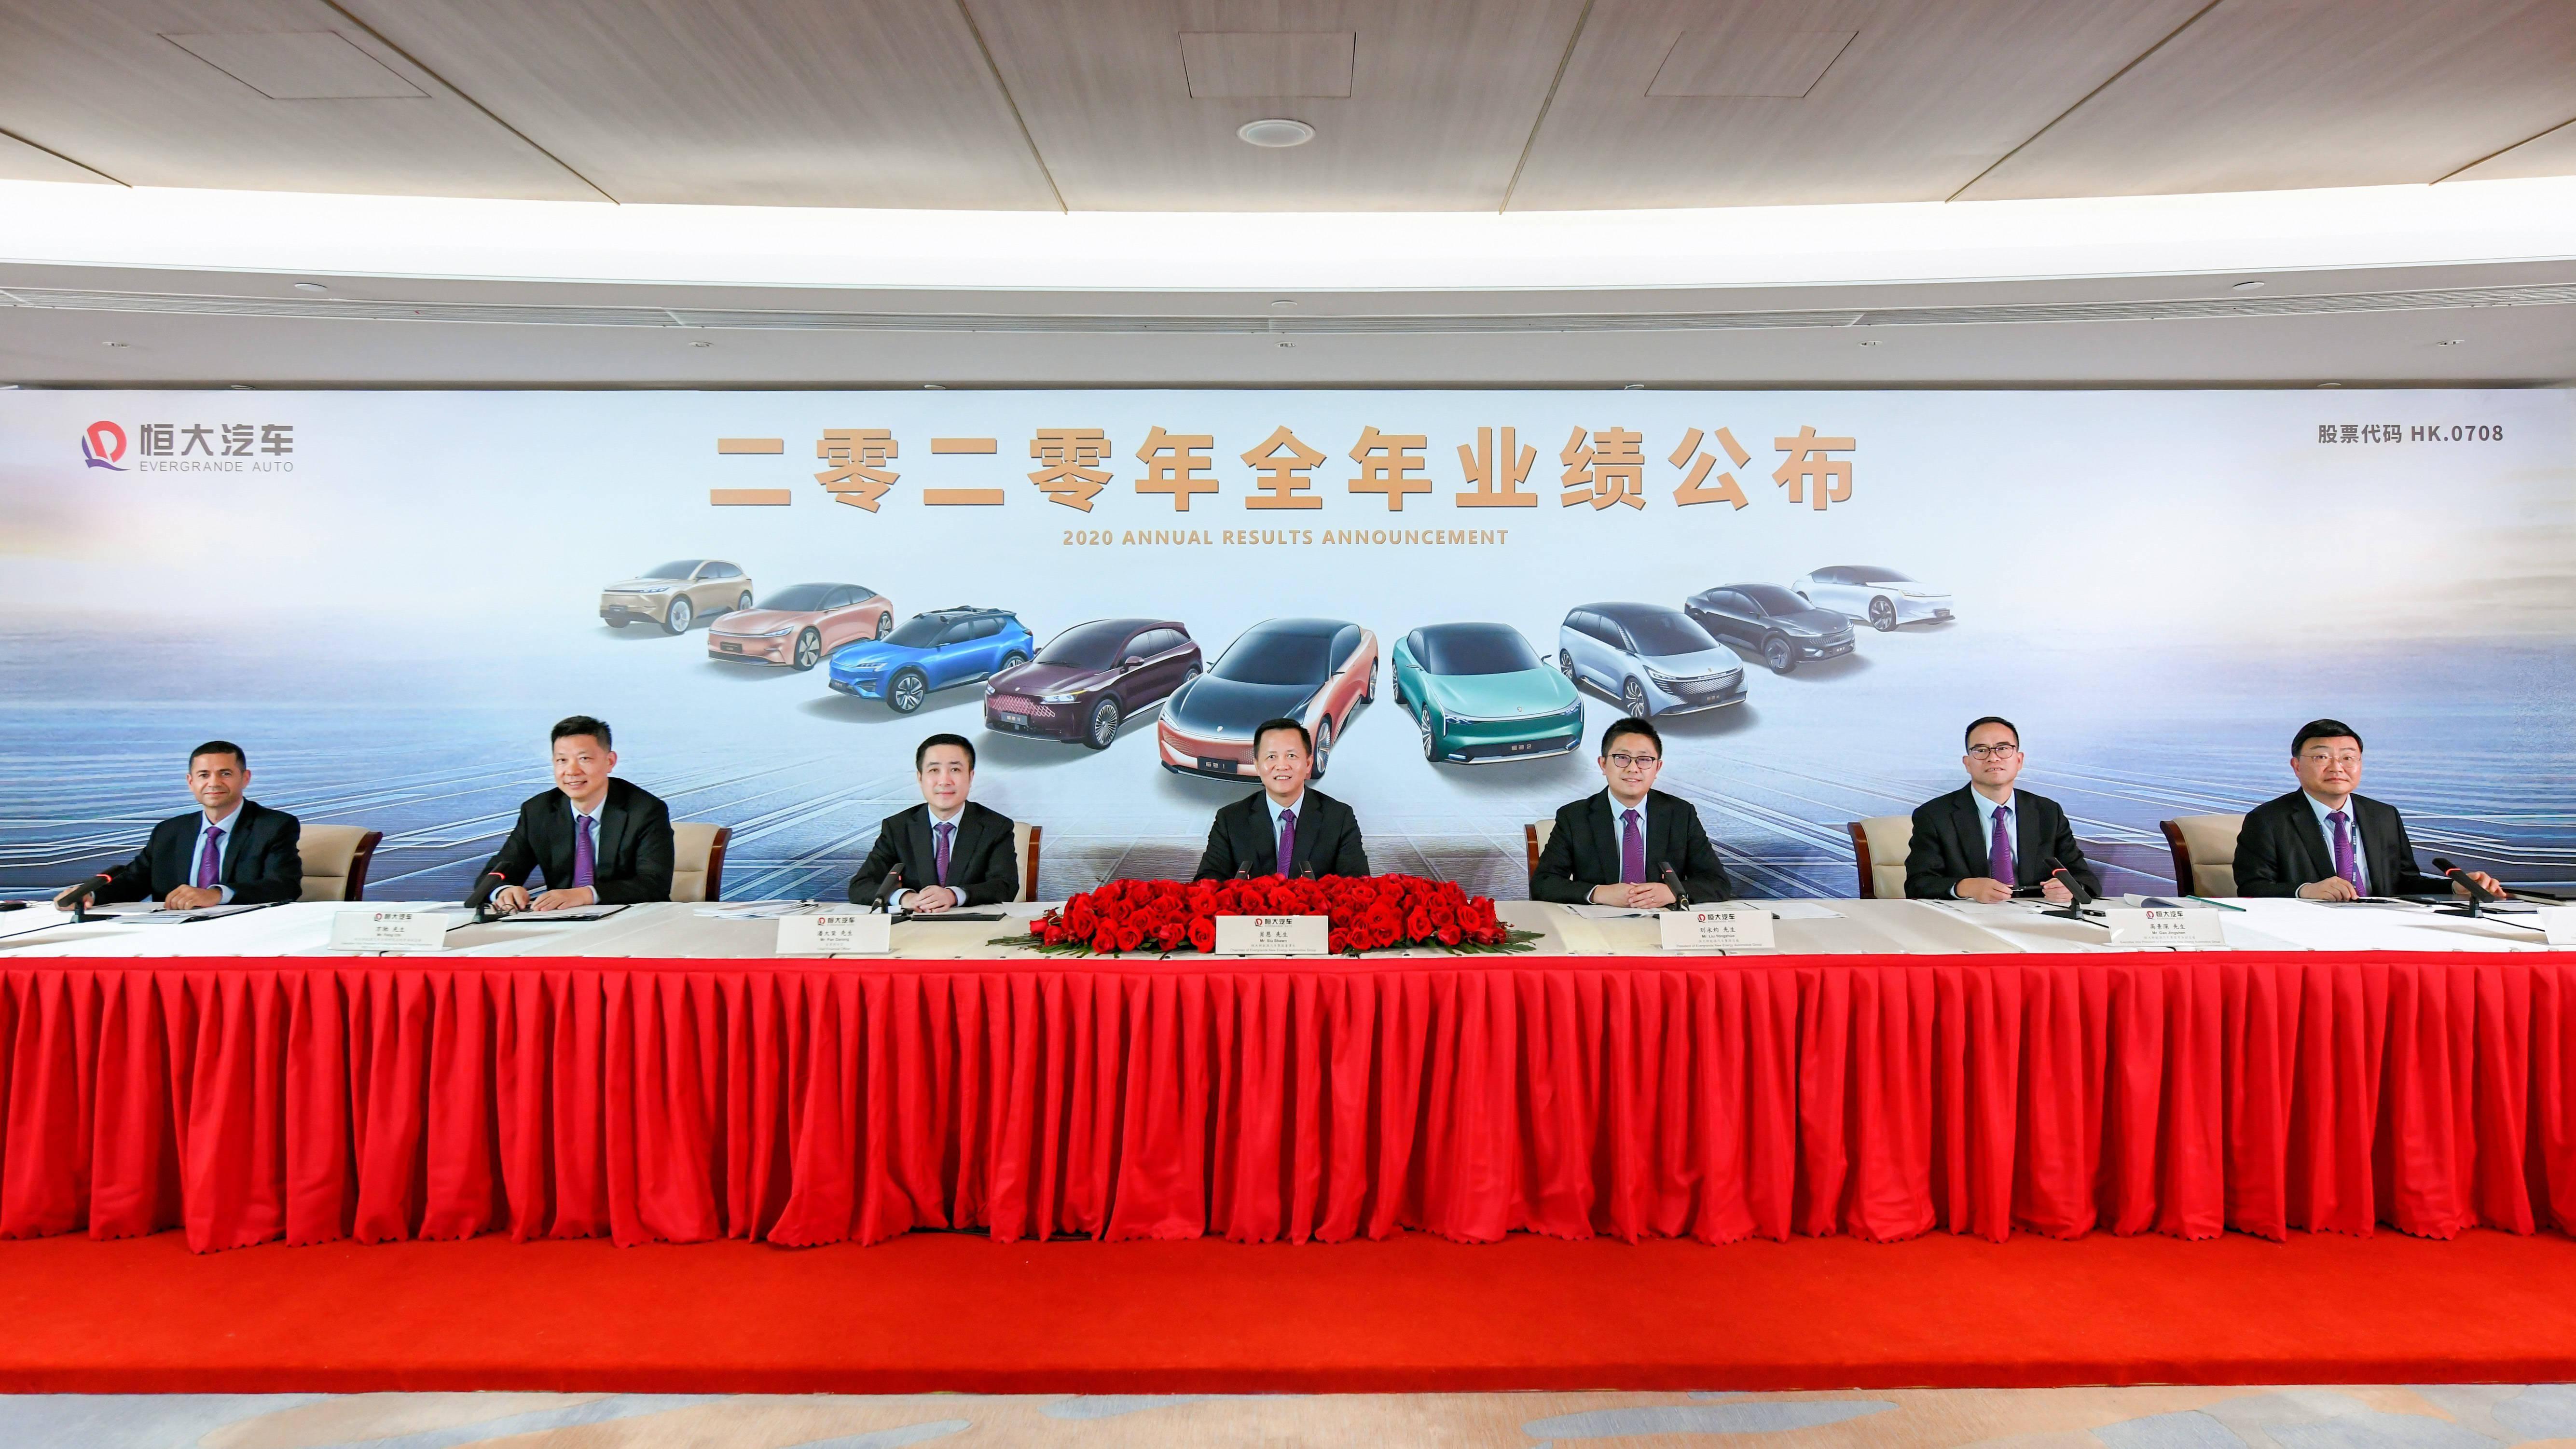 恒大汽车2020全年营收154.87亿元,造车已累计投入474亿元